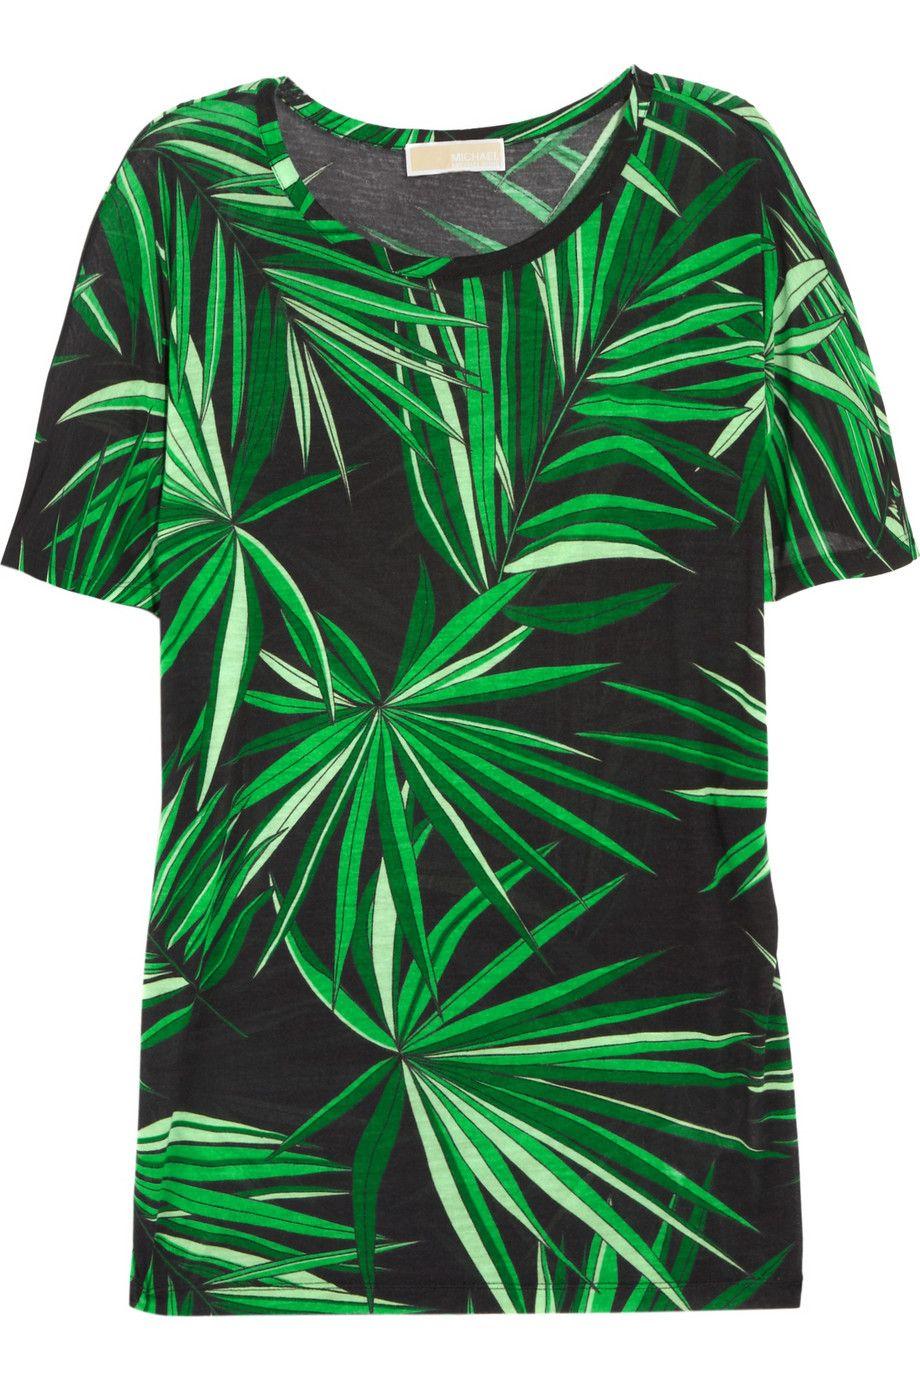 T-Shirt Palmen Banane